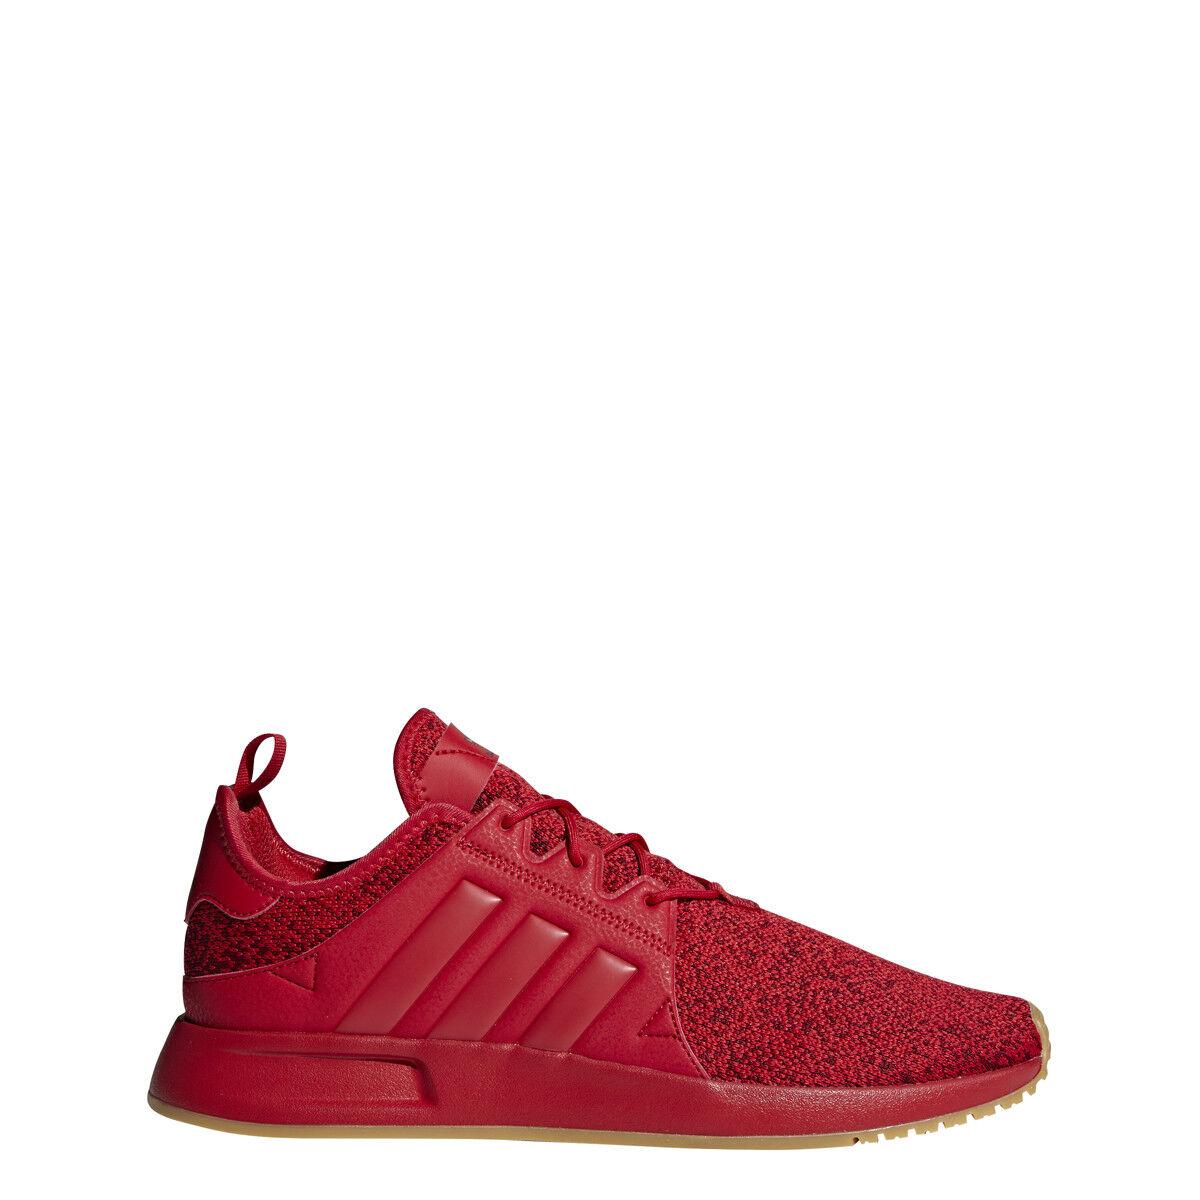 Adidas Uomo X_PLR Scarlet/Scarlet/Gum - B37439